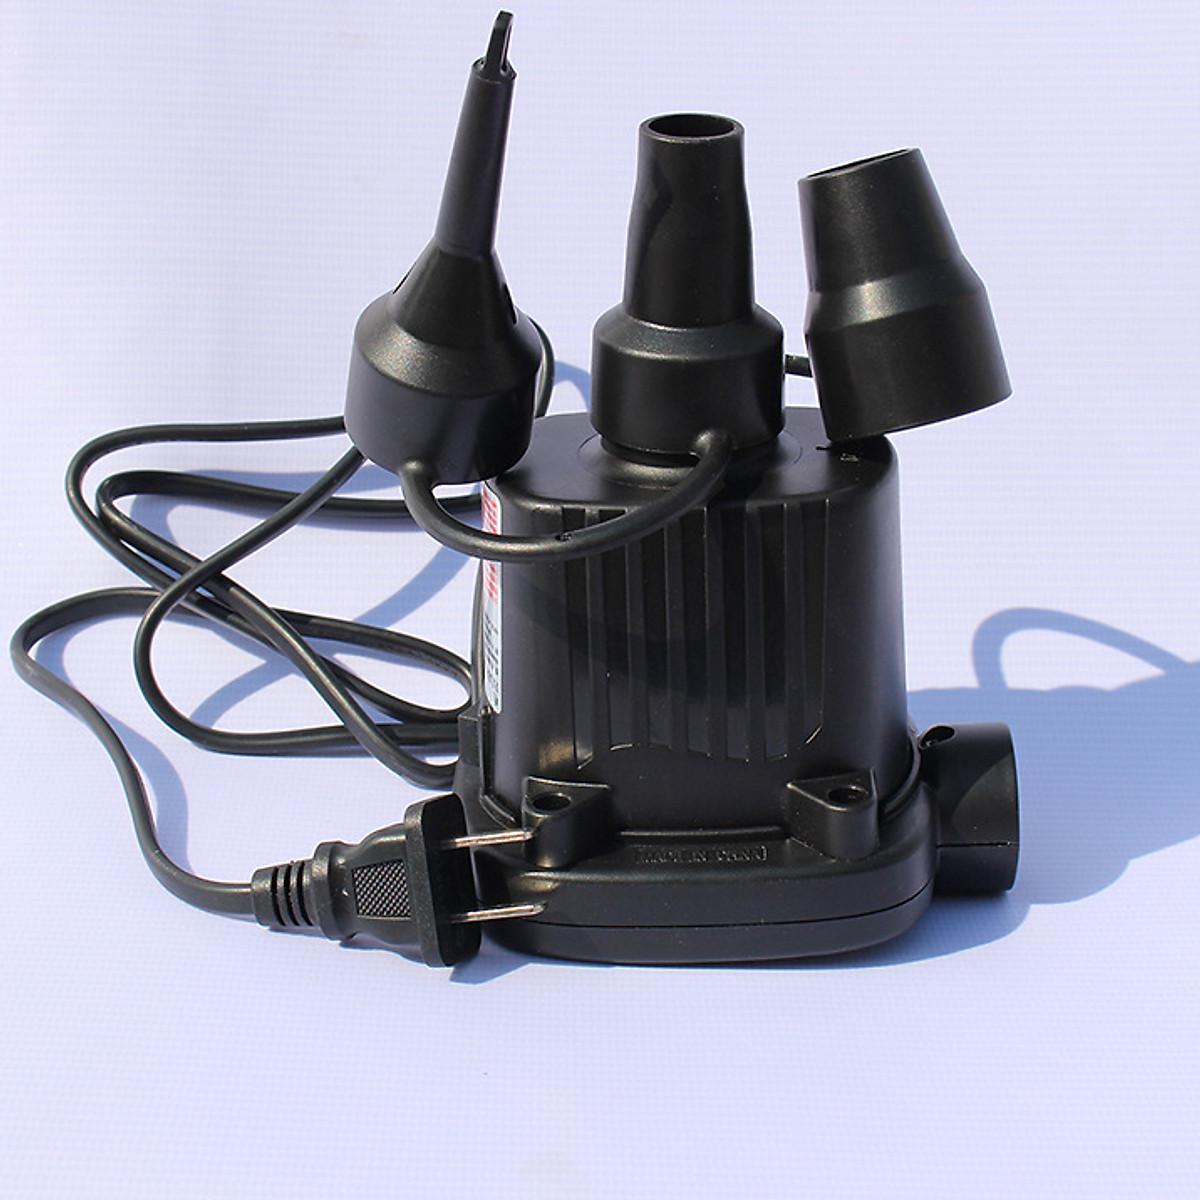 Bơm Điện Mini 2 Chiều Hút Đẩy Đa Năng